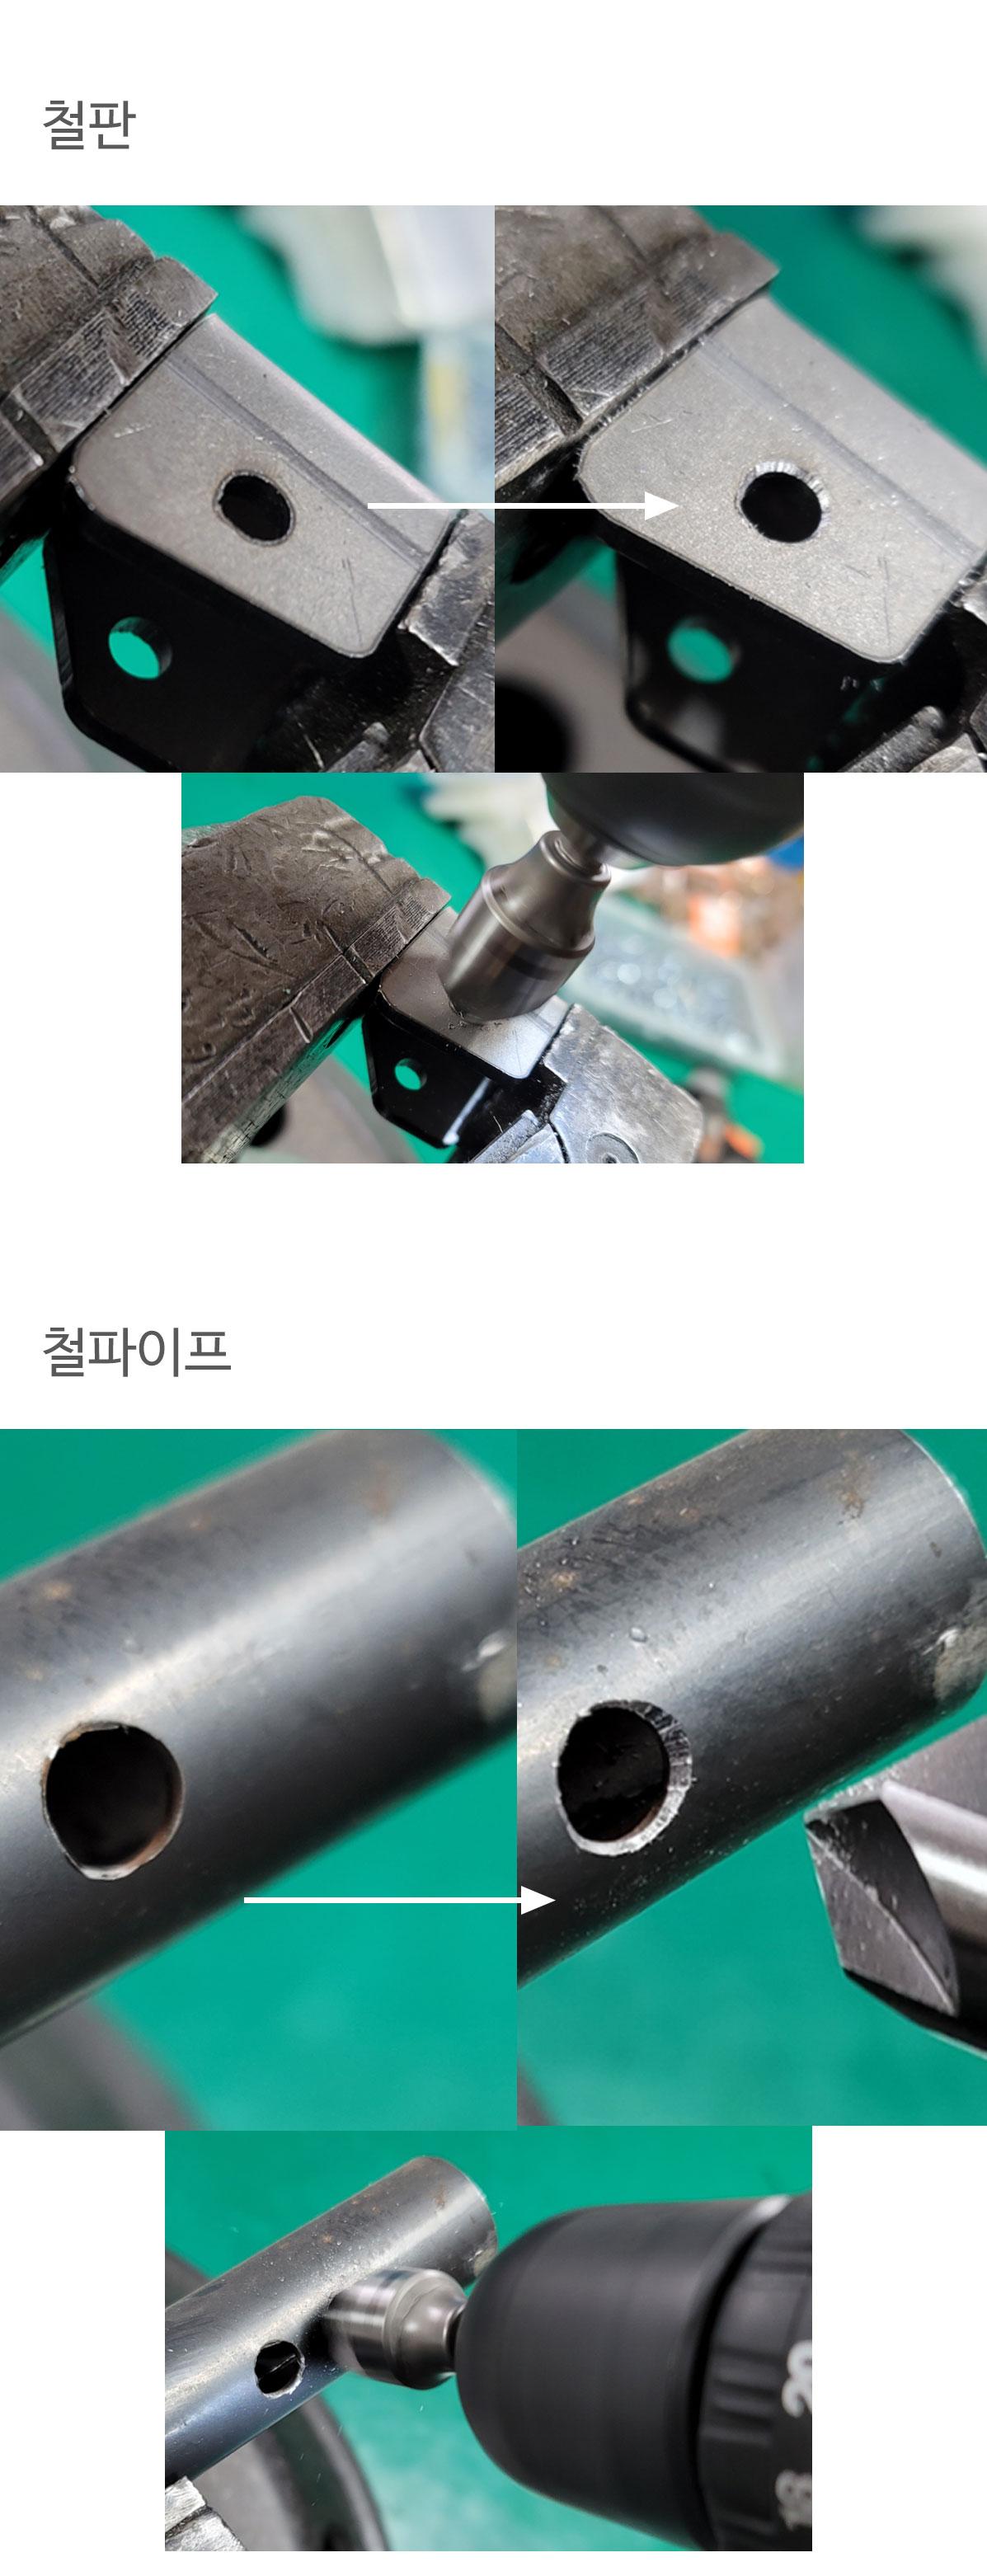 ATMAN (아트만) 이너 챔퍼맨 리머 HSS 하이스재질 (3mm ~ 16mm) AT-0318N